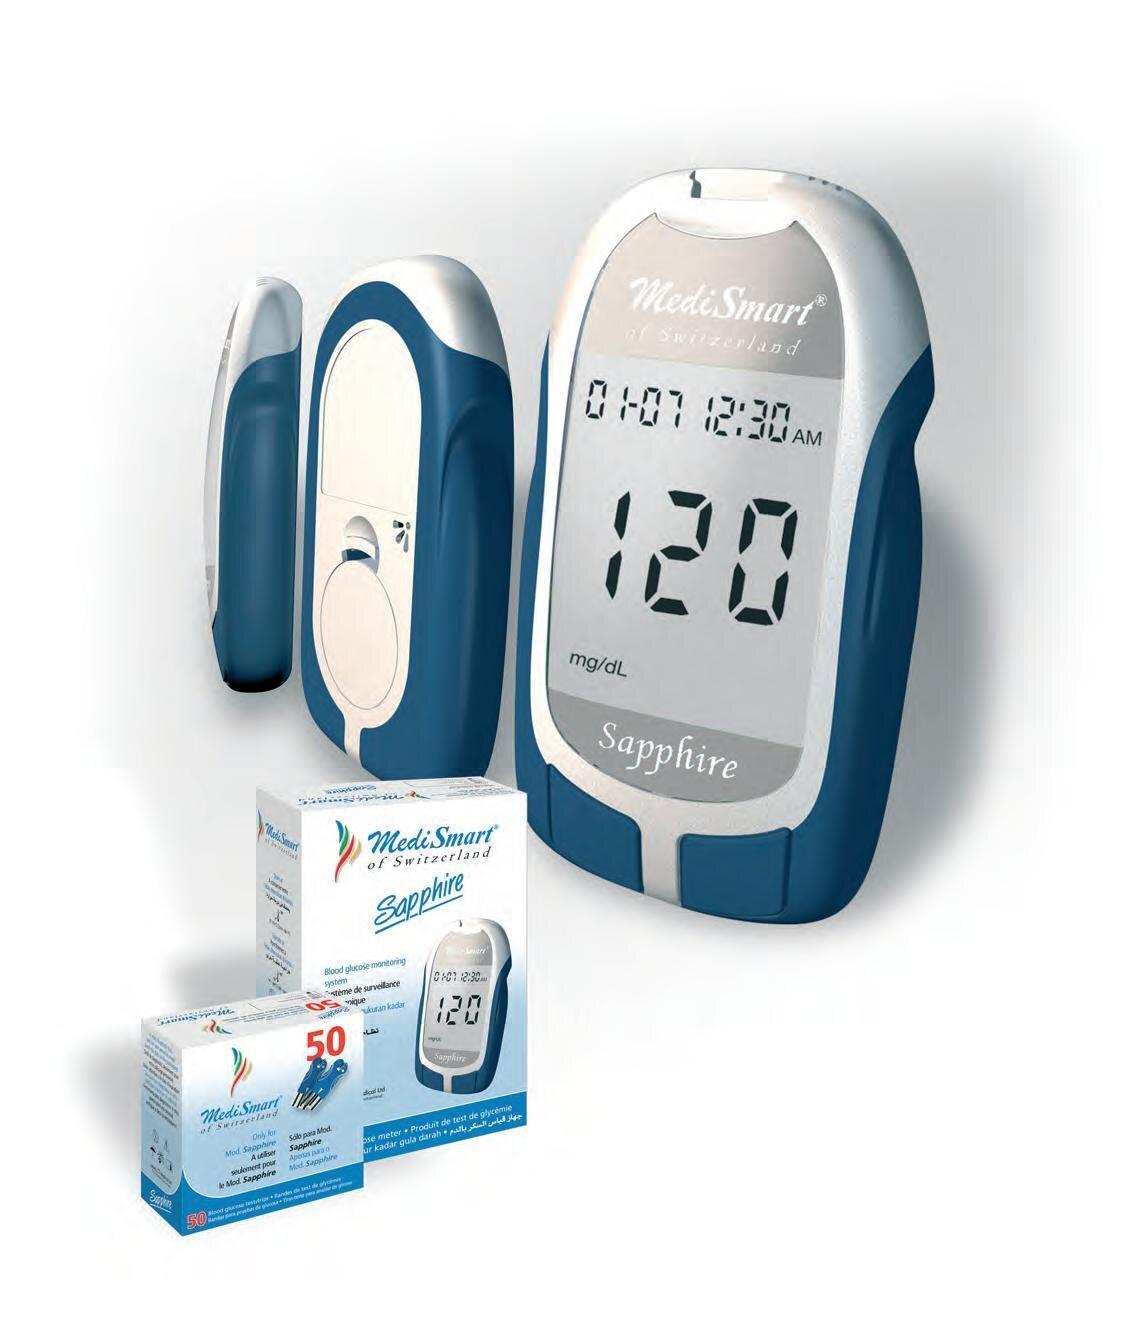 Bảng giá máy đo đường huyết thông dụng nhất hiện nay